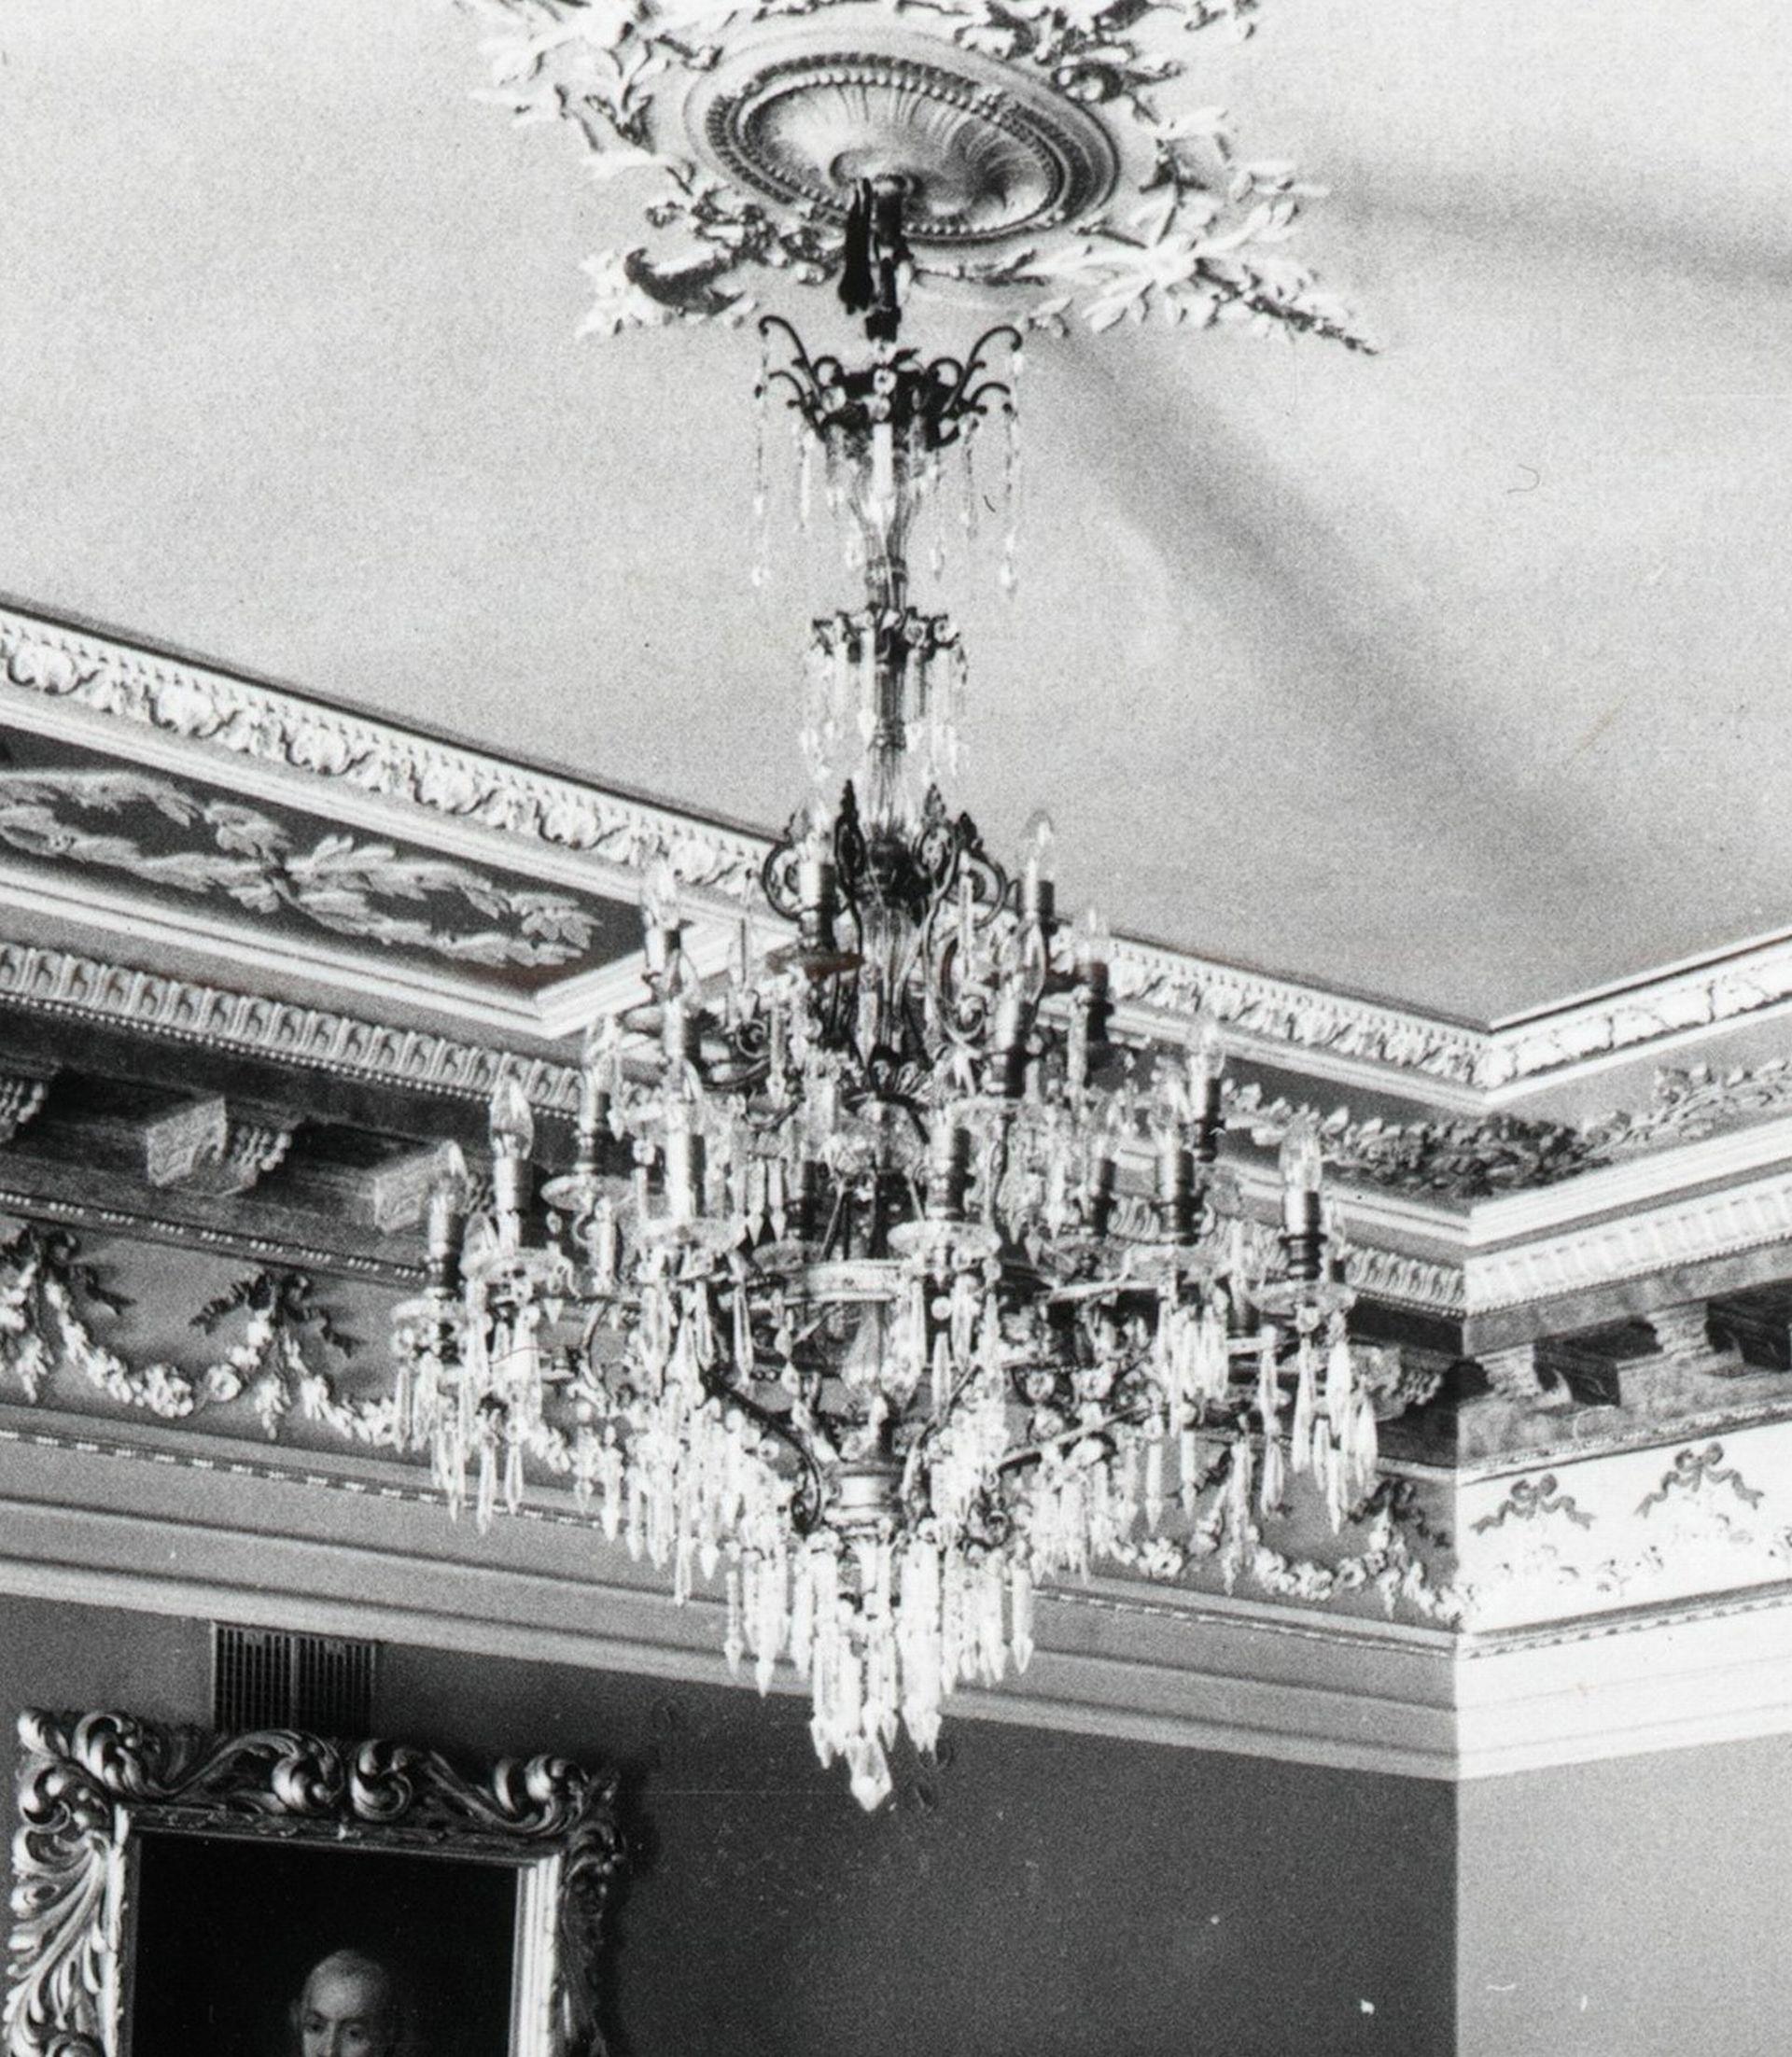 Chandelier at the Verkiai Manor, 1850-1919, Lithuanian National Museum, IM-5097. Photo by Mečislovas Sakalauskas, 1976, in: Lietuvos centrinis valstybės archyvas, P-29272